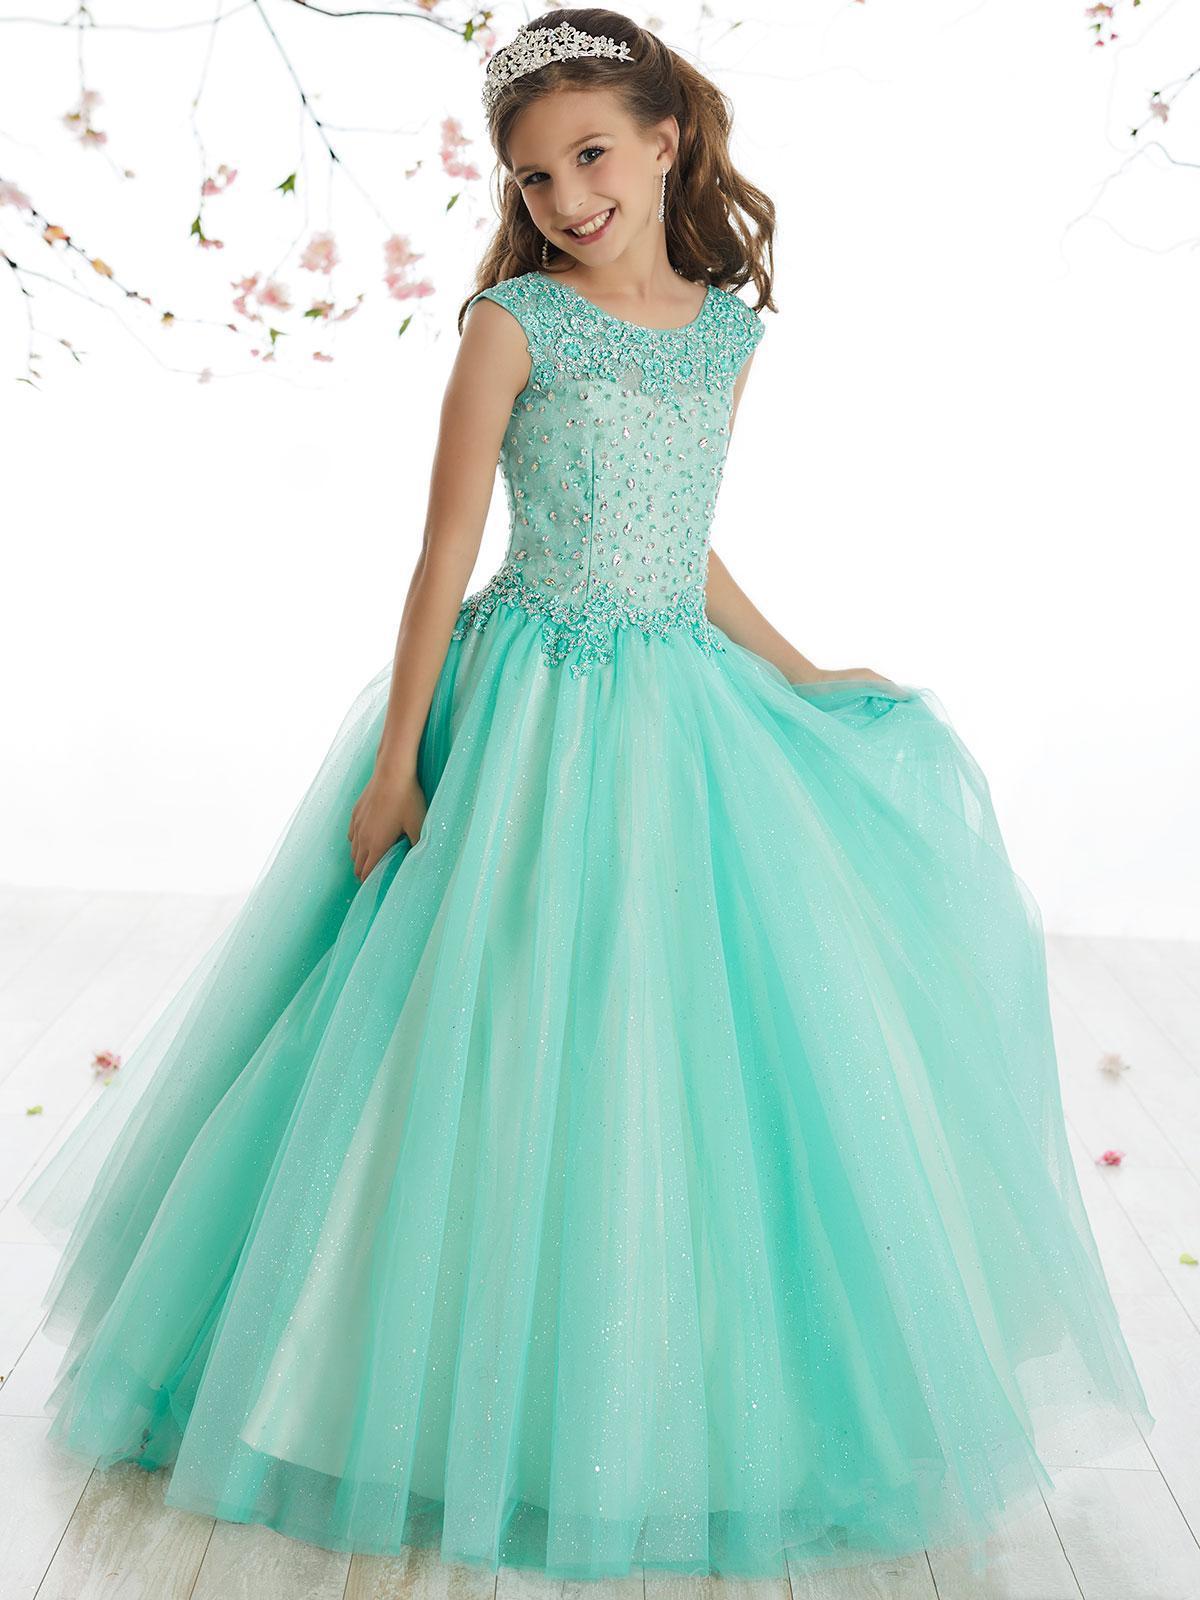 2020 Belleza Verde Agua Tulle Applique de los granos vestidos de flores niña de las muchachas del desfile de vestidos de fiesta / tamaño de la falda de la aduana del cumpleaños / 2-14